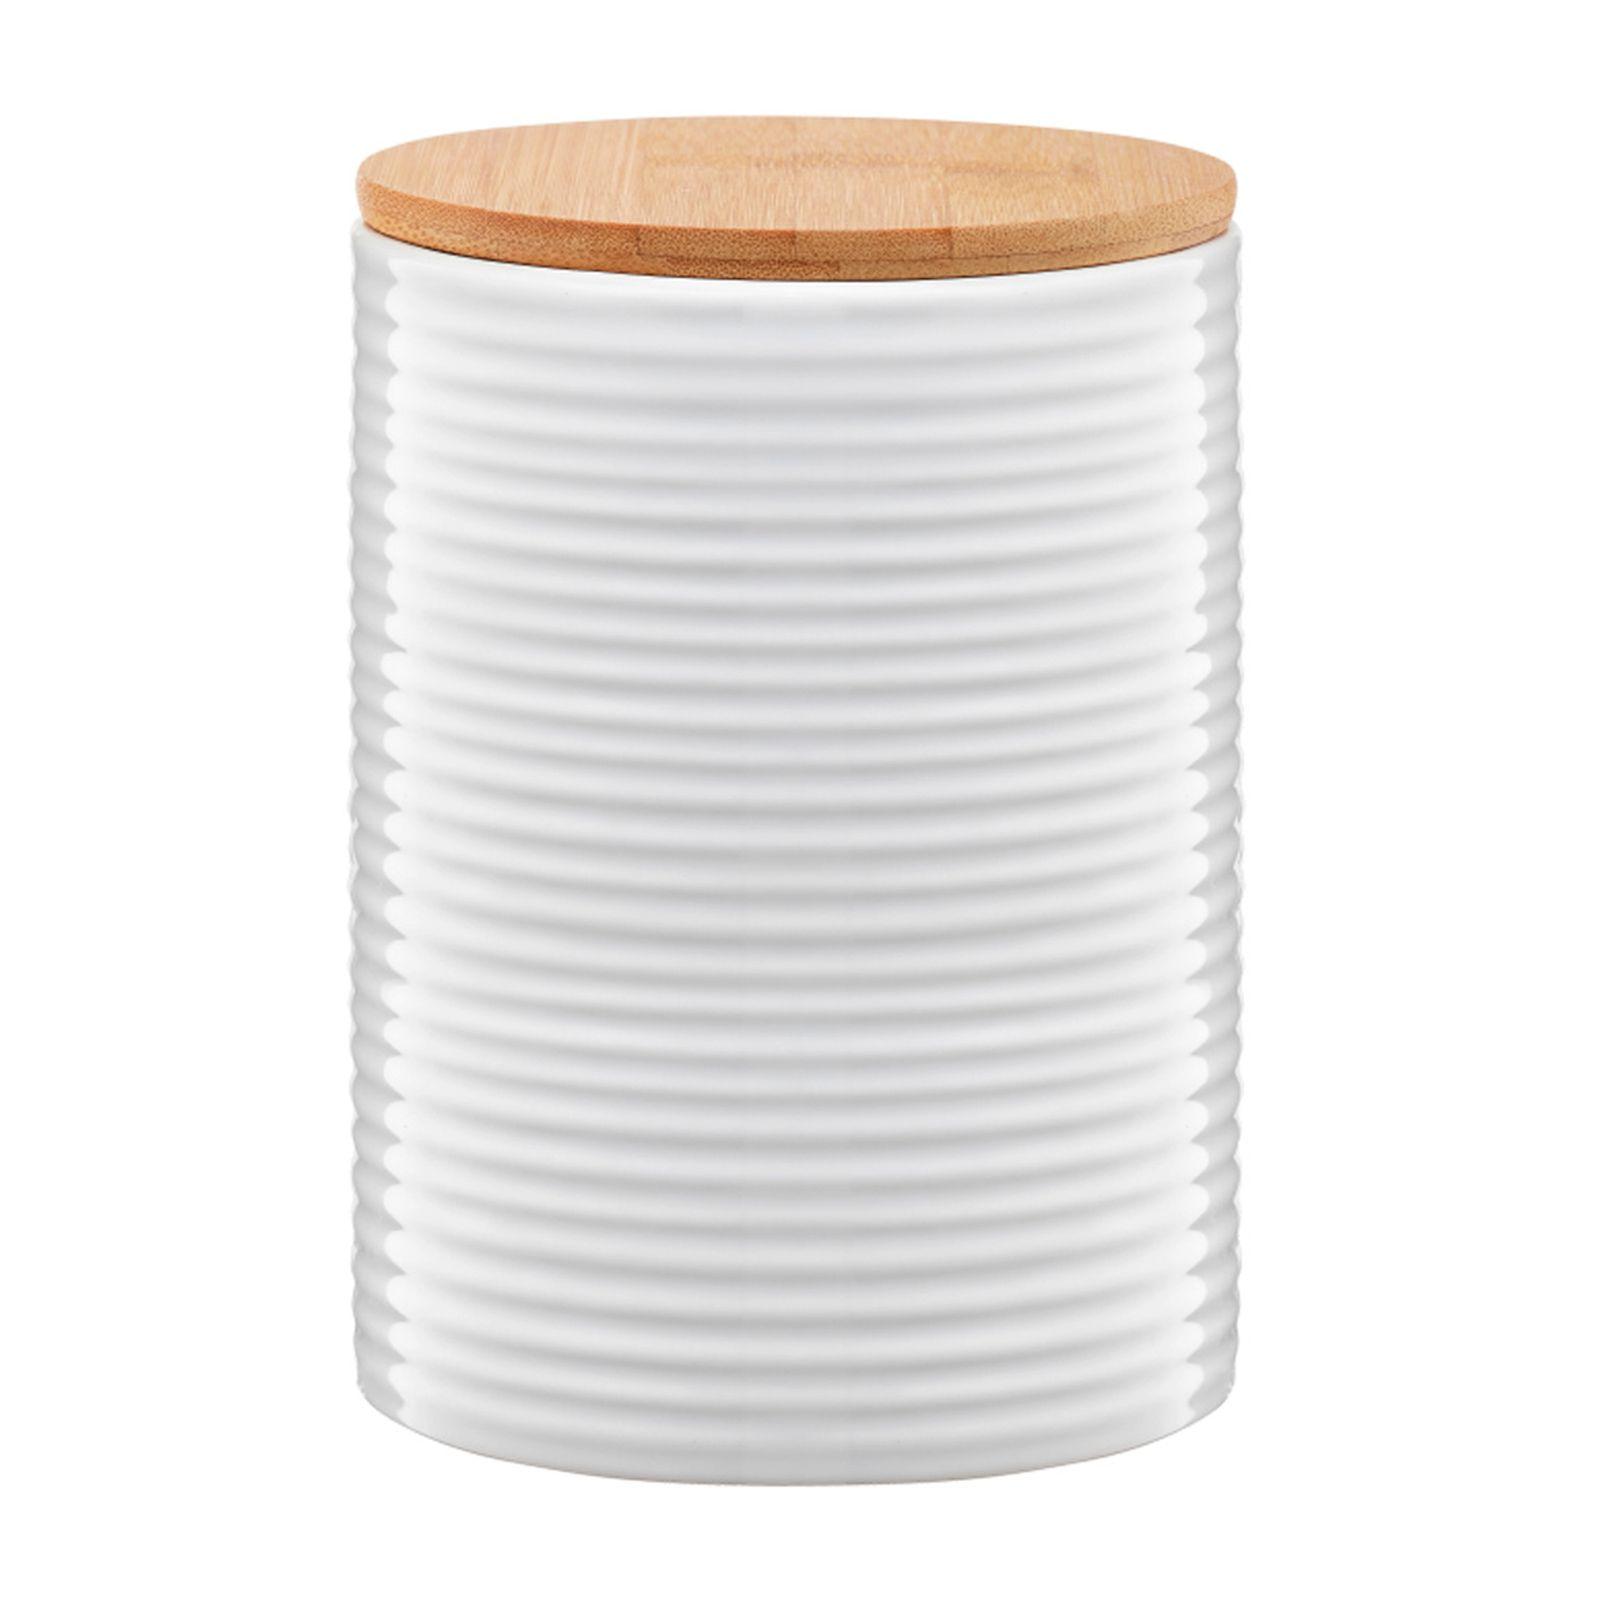 Pojemnik ceramiczny Tuvo paski z bambusową pokrywką 1110 ml AMBITION